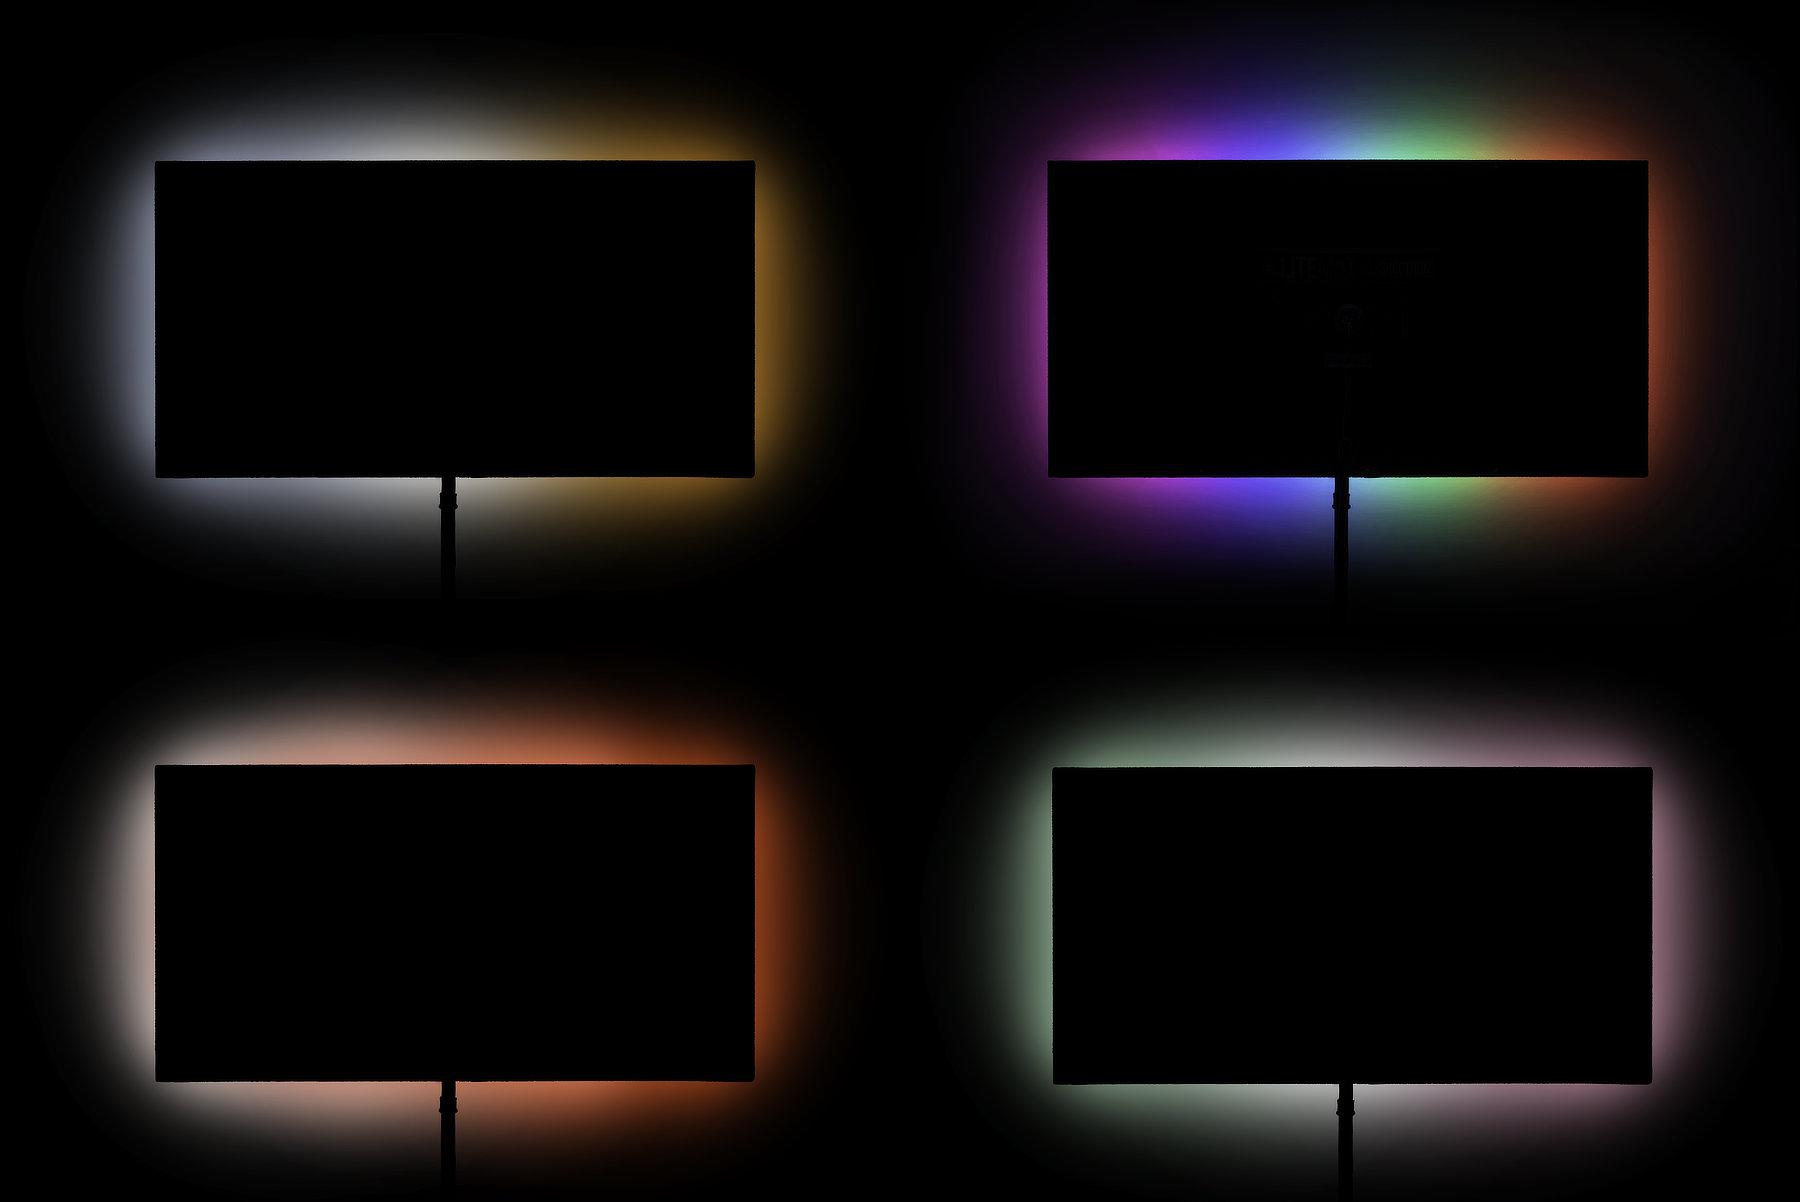 LiteMat Spectrum Images